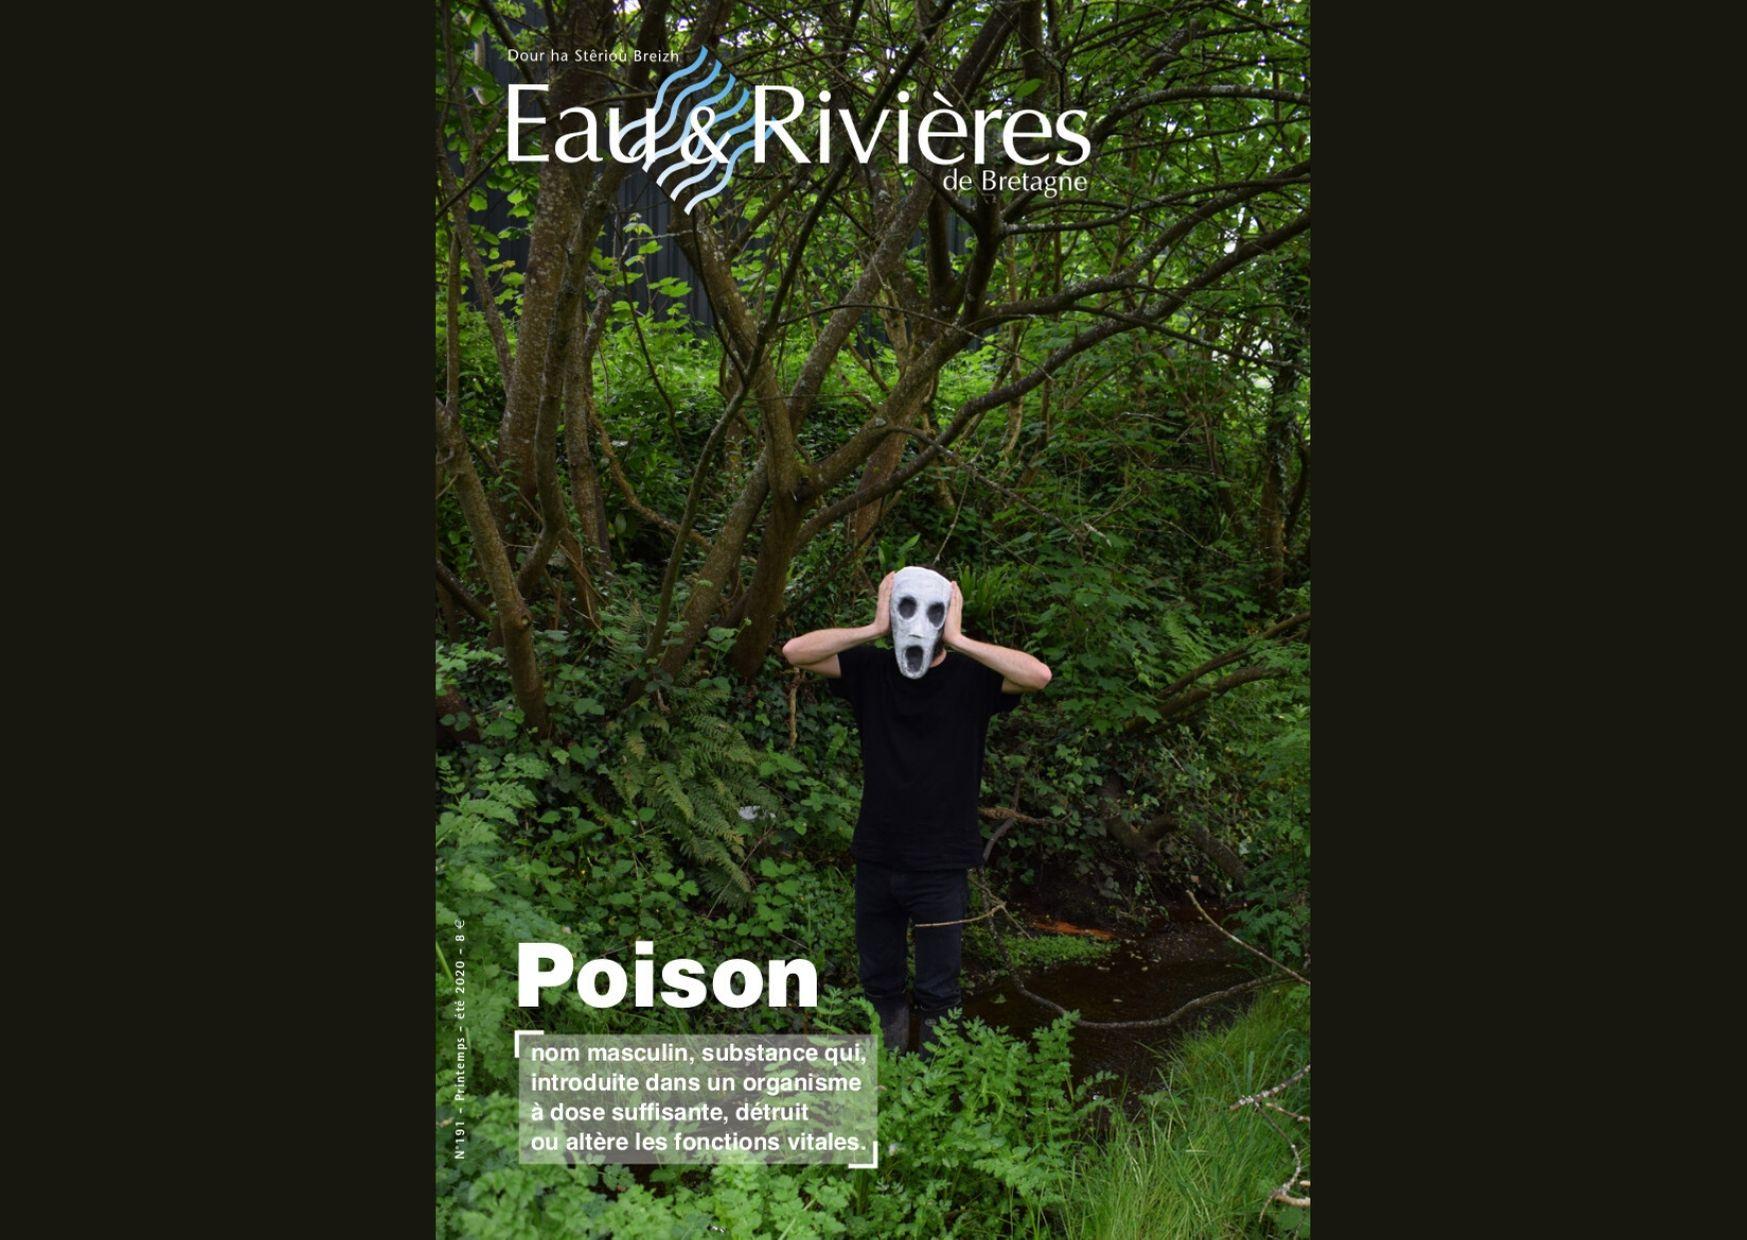 Lisez notre magazine spécial sur les poisons